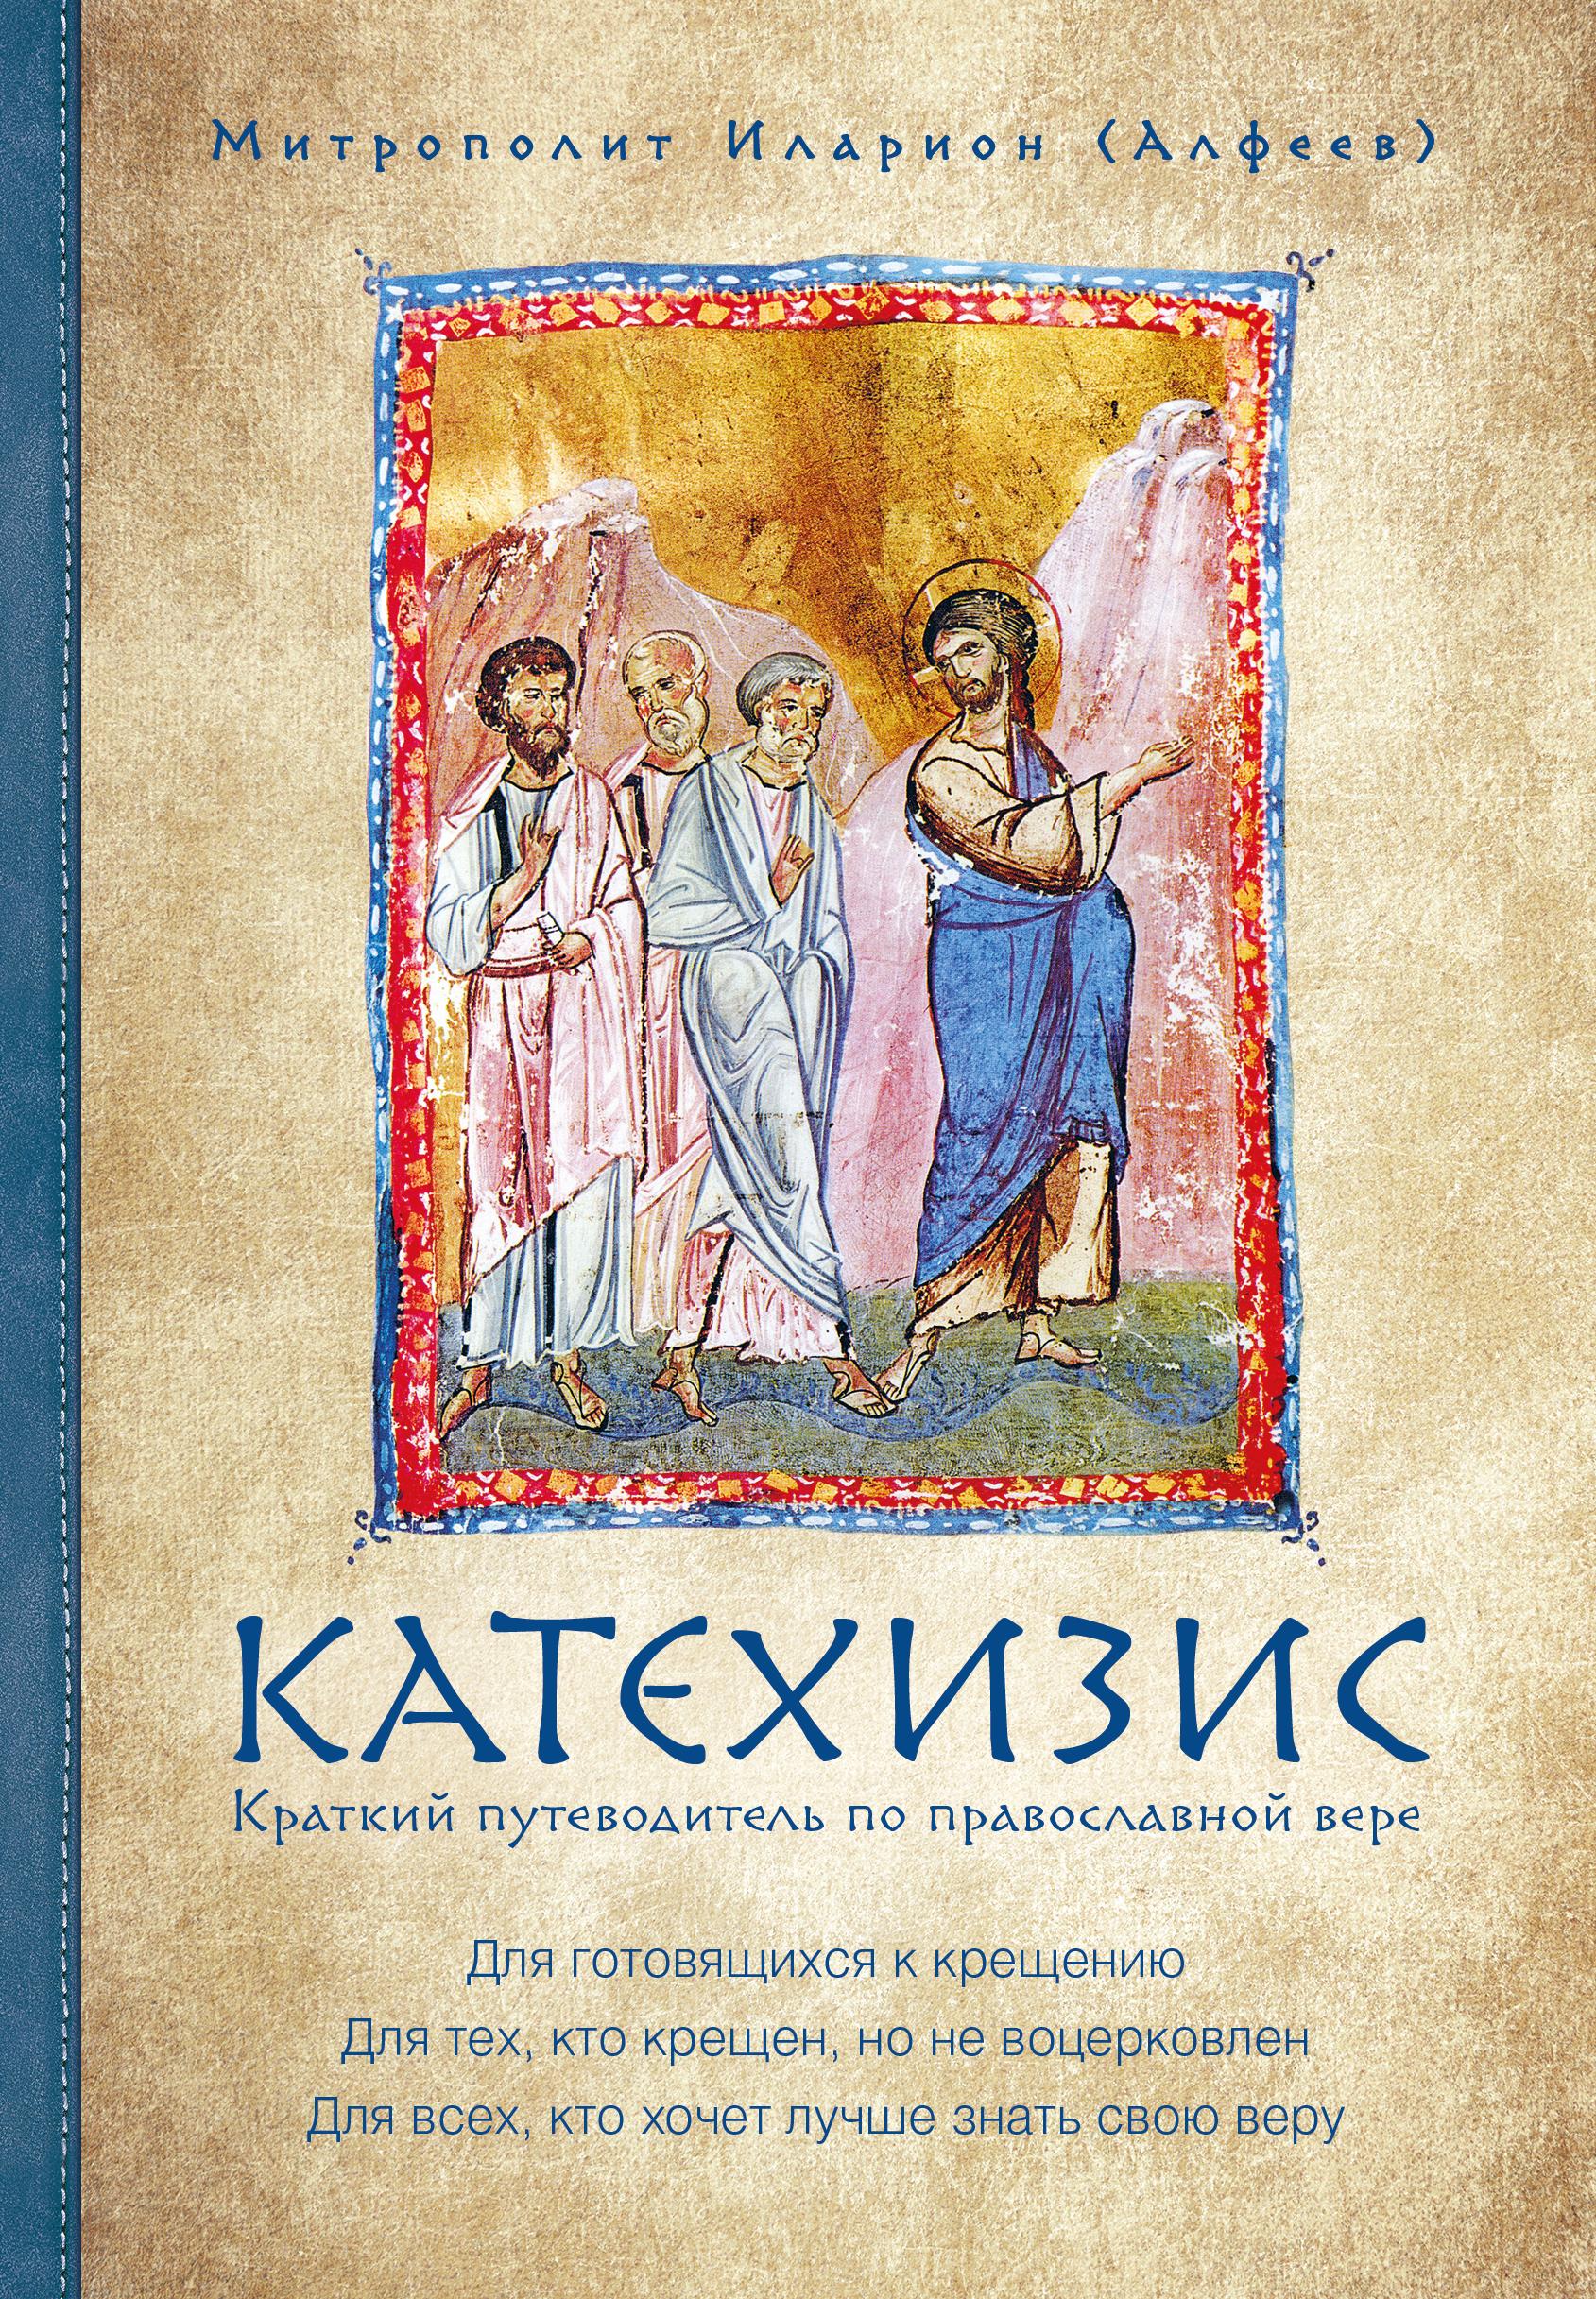 Митрополит Иларион (Алфеев) Катехизис. Краткий путеводитель по православной вере